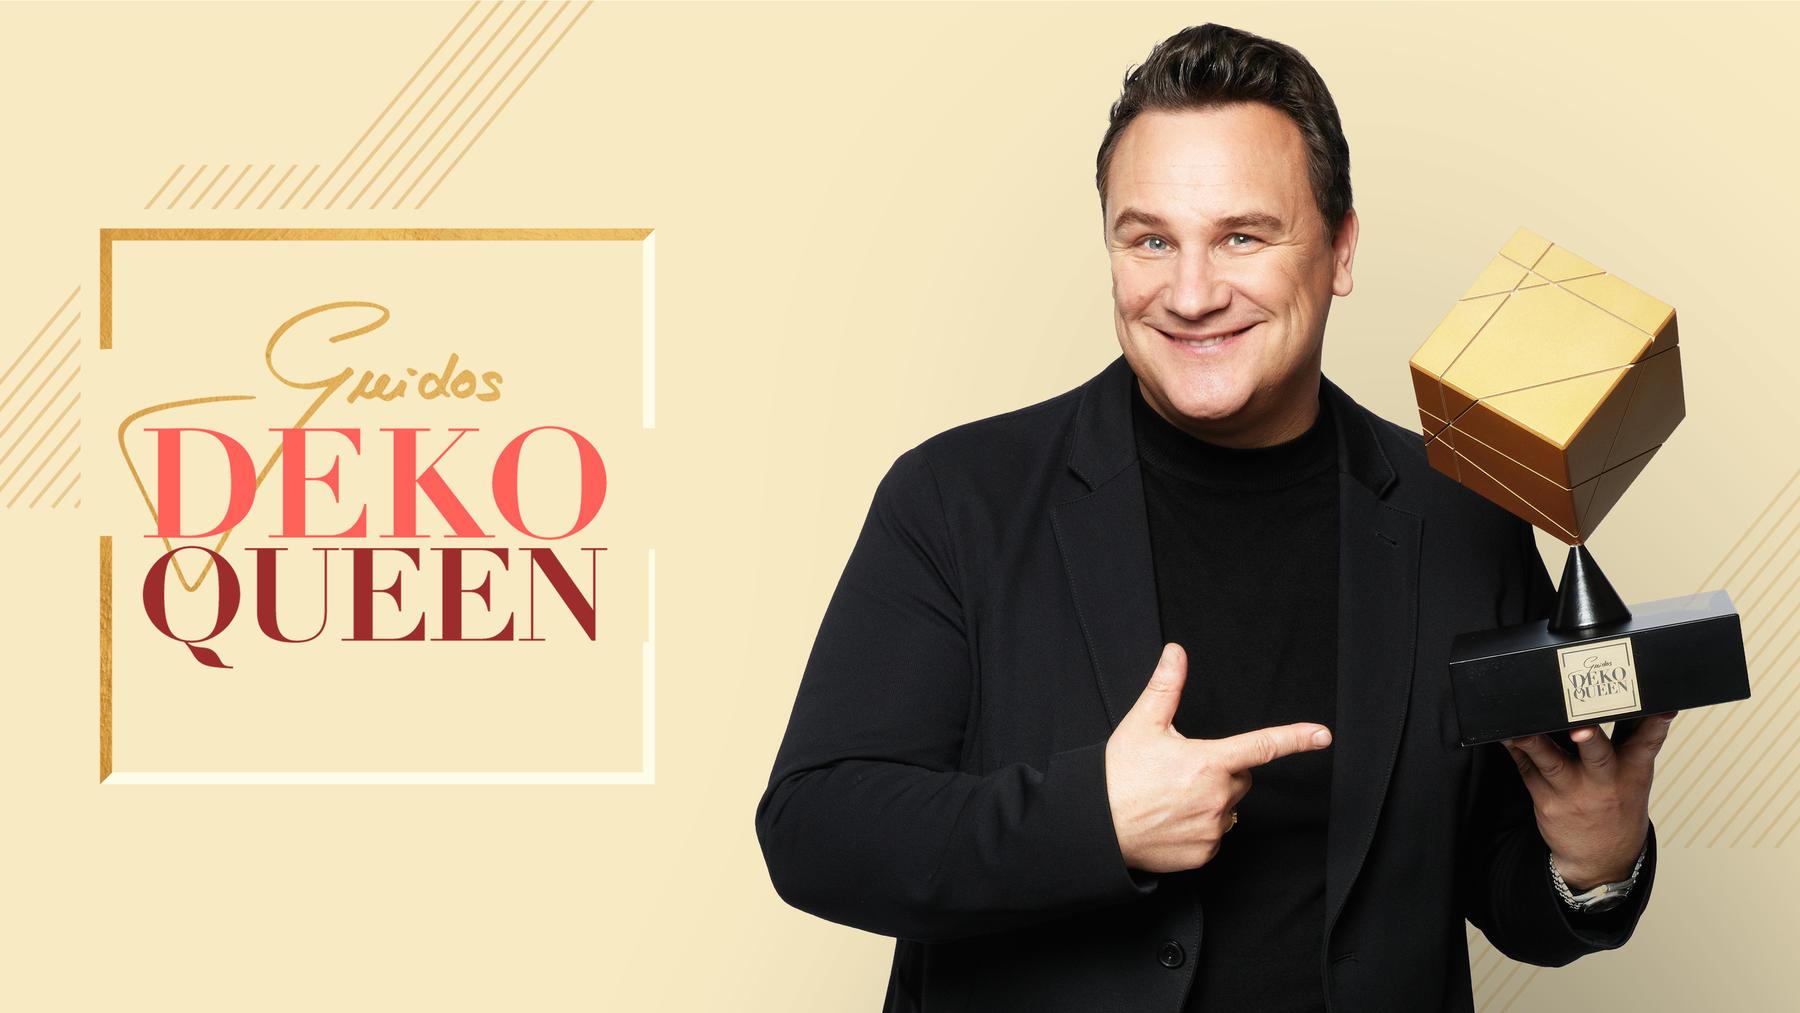 Guidos Deko Queen